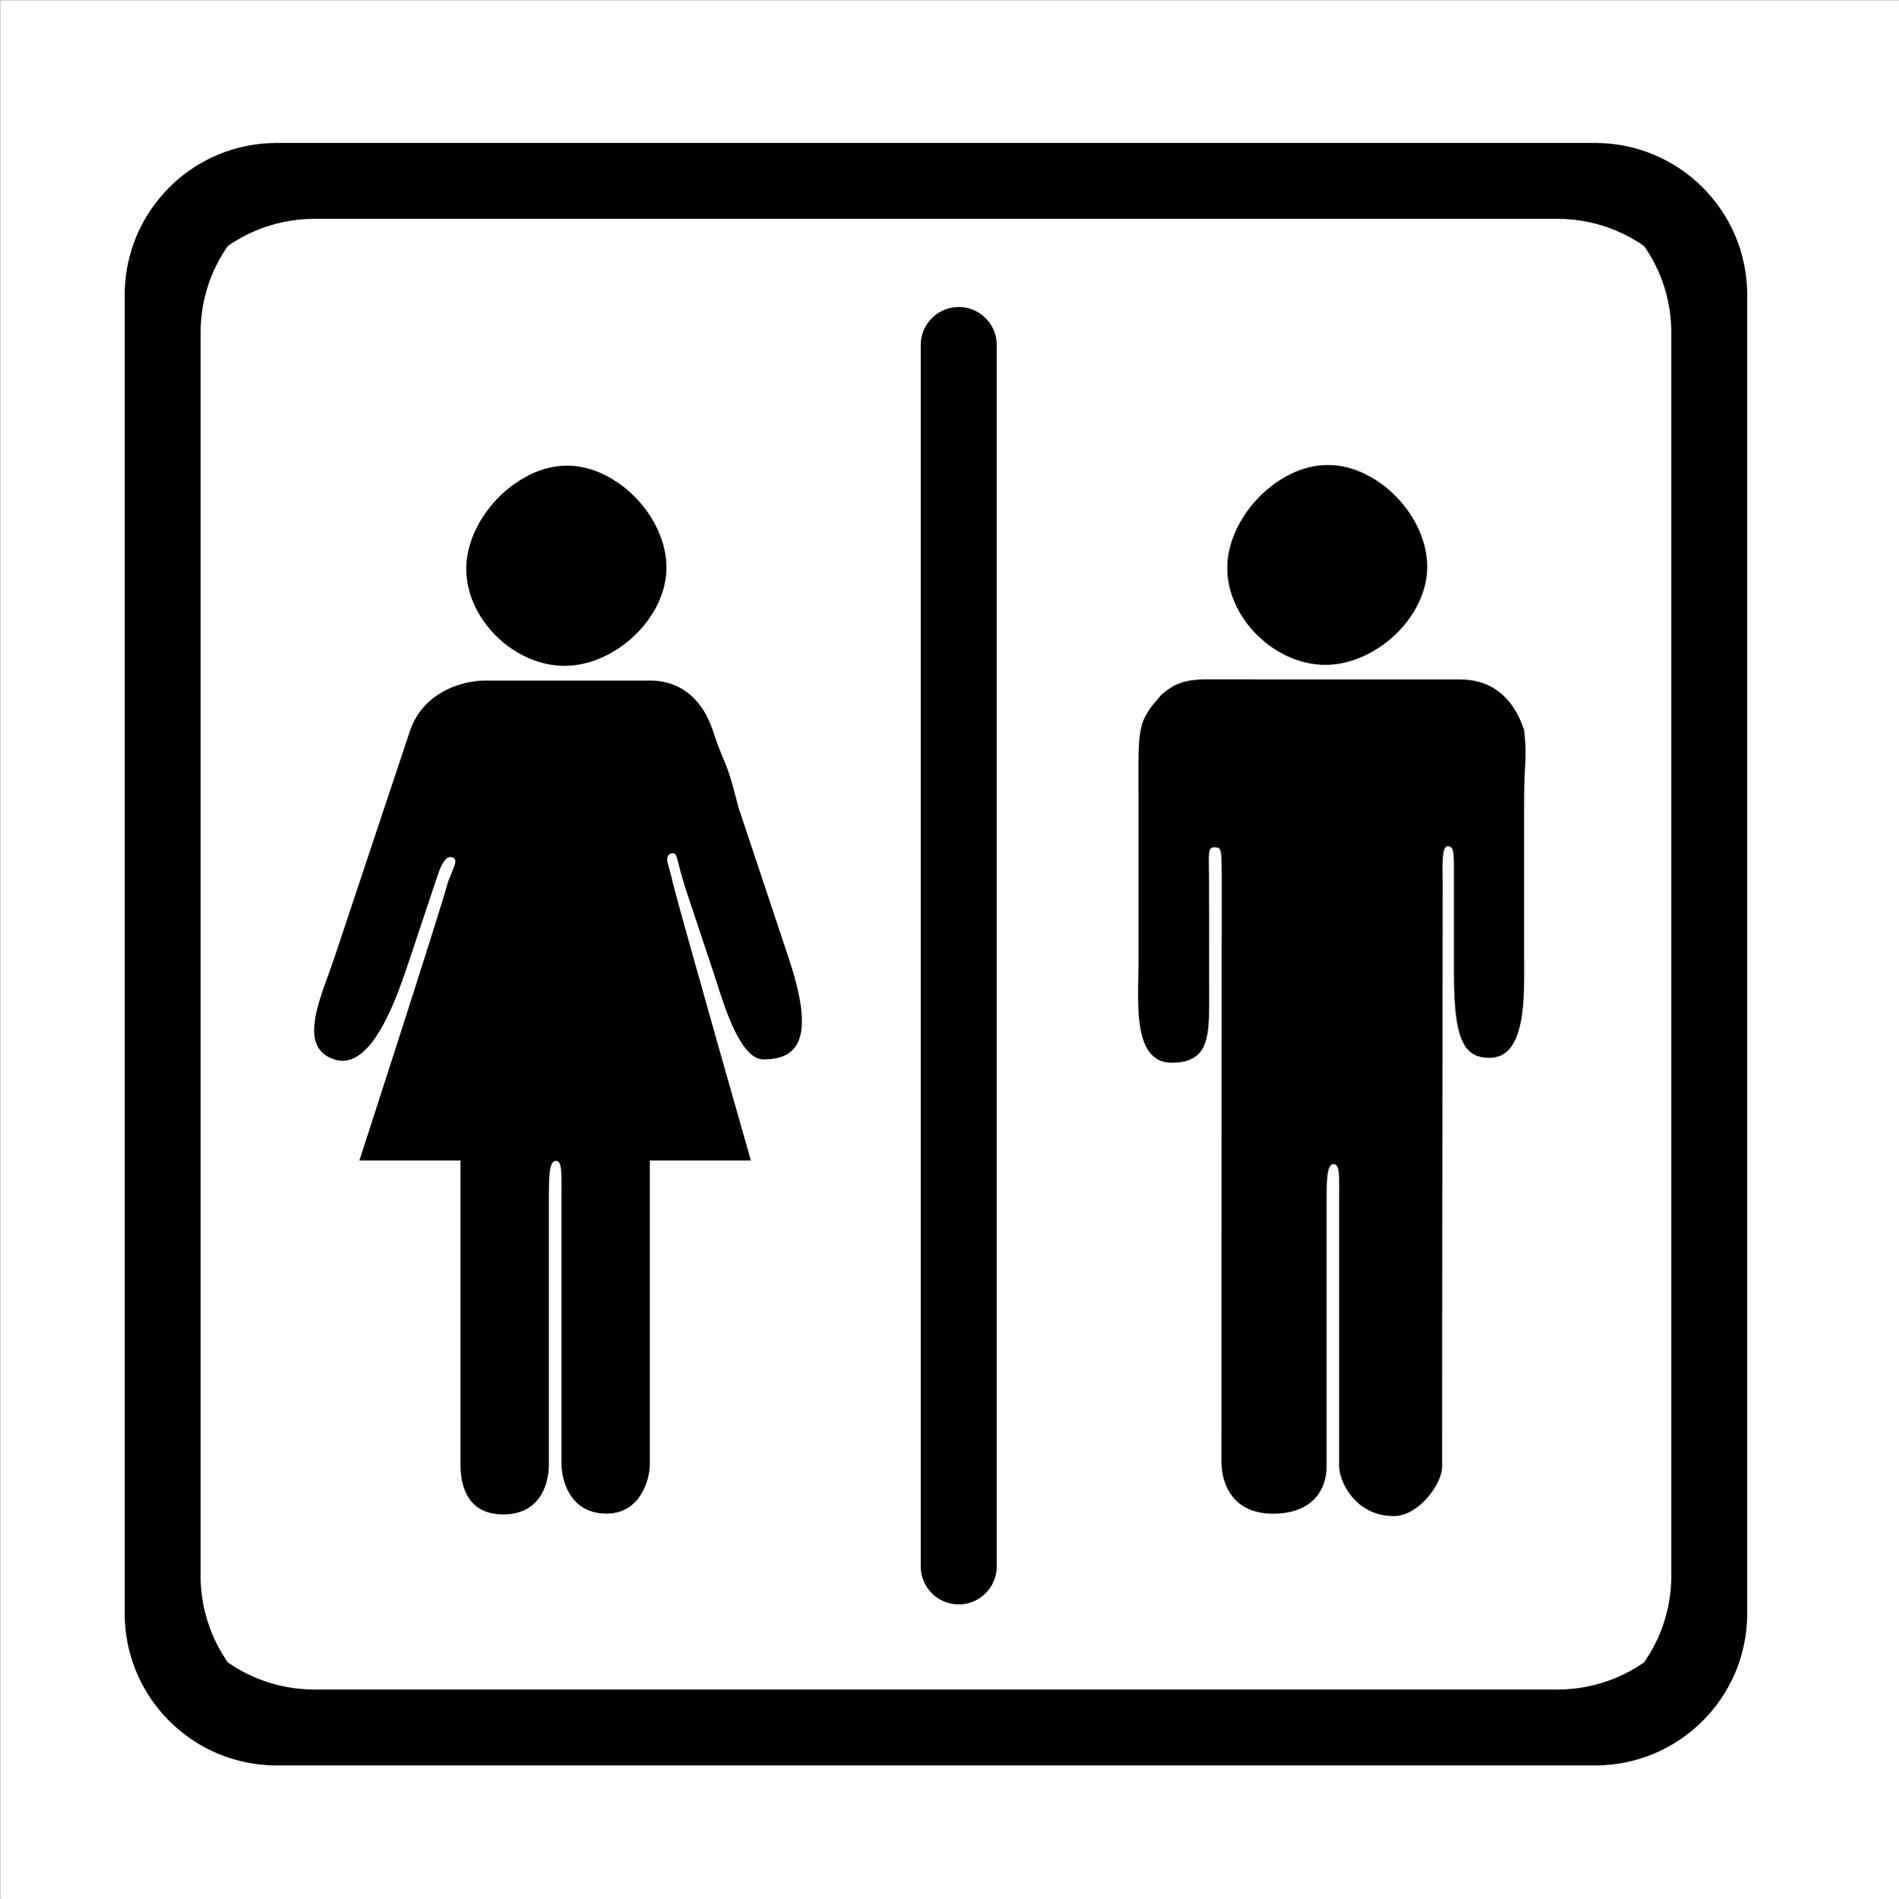 1899x1899 Cabinets Mens Symbol Free Download Clip Art On Mens Men's Bathroom